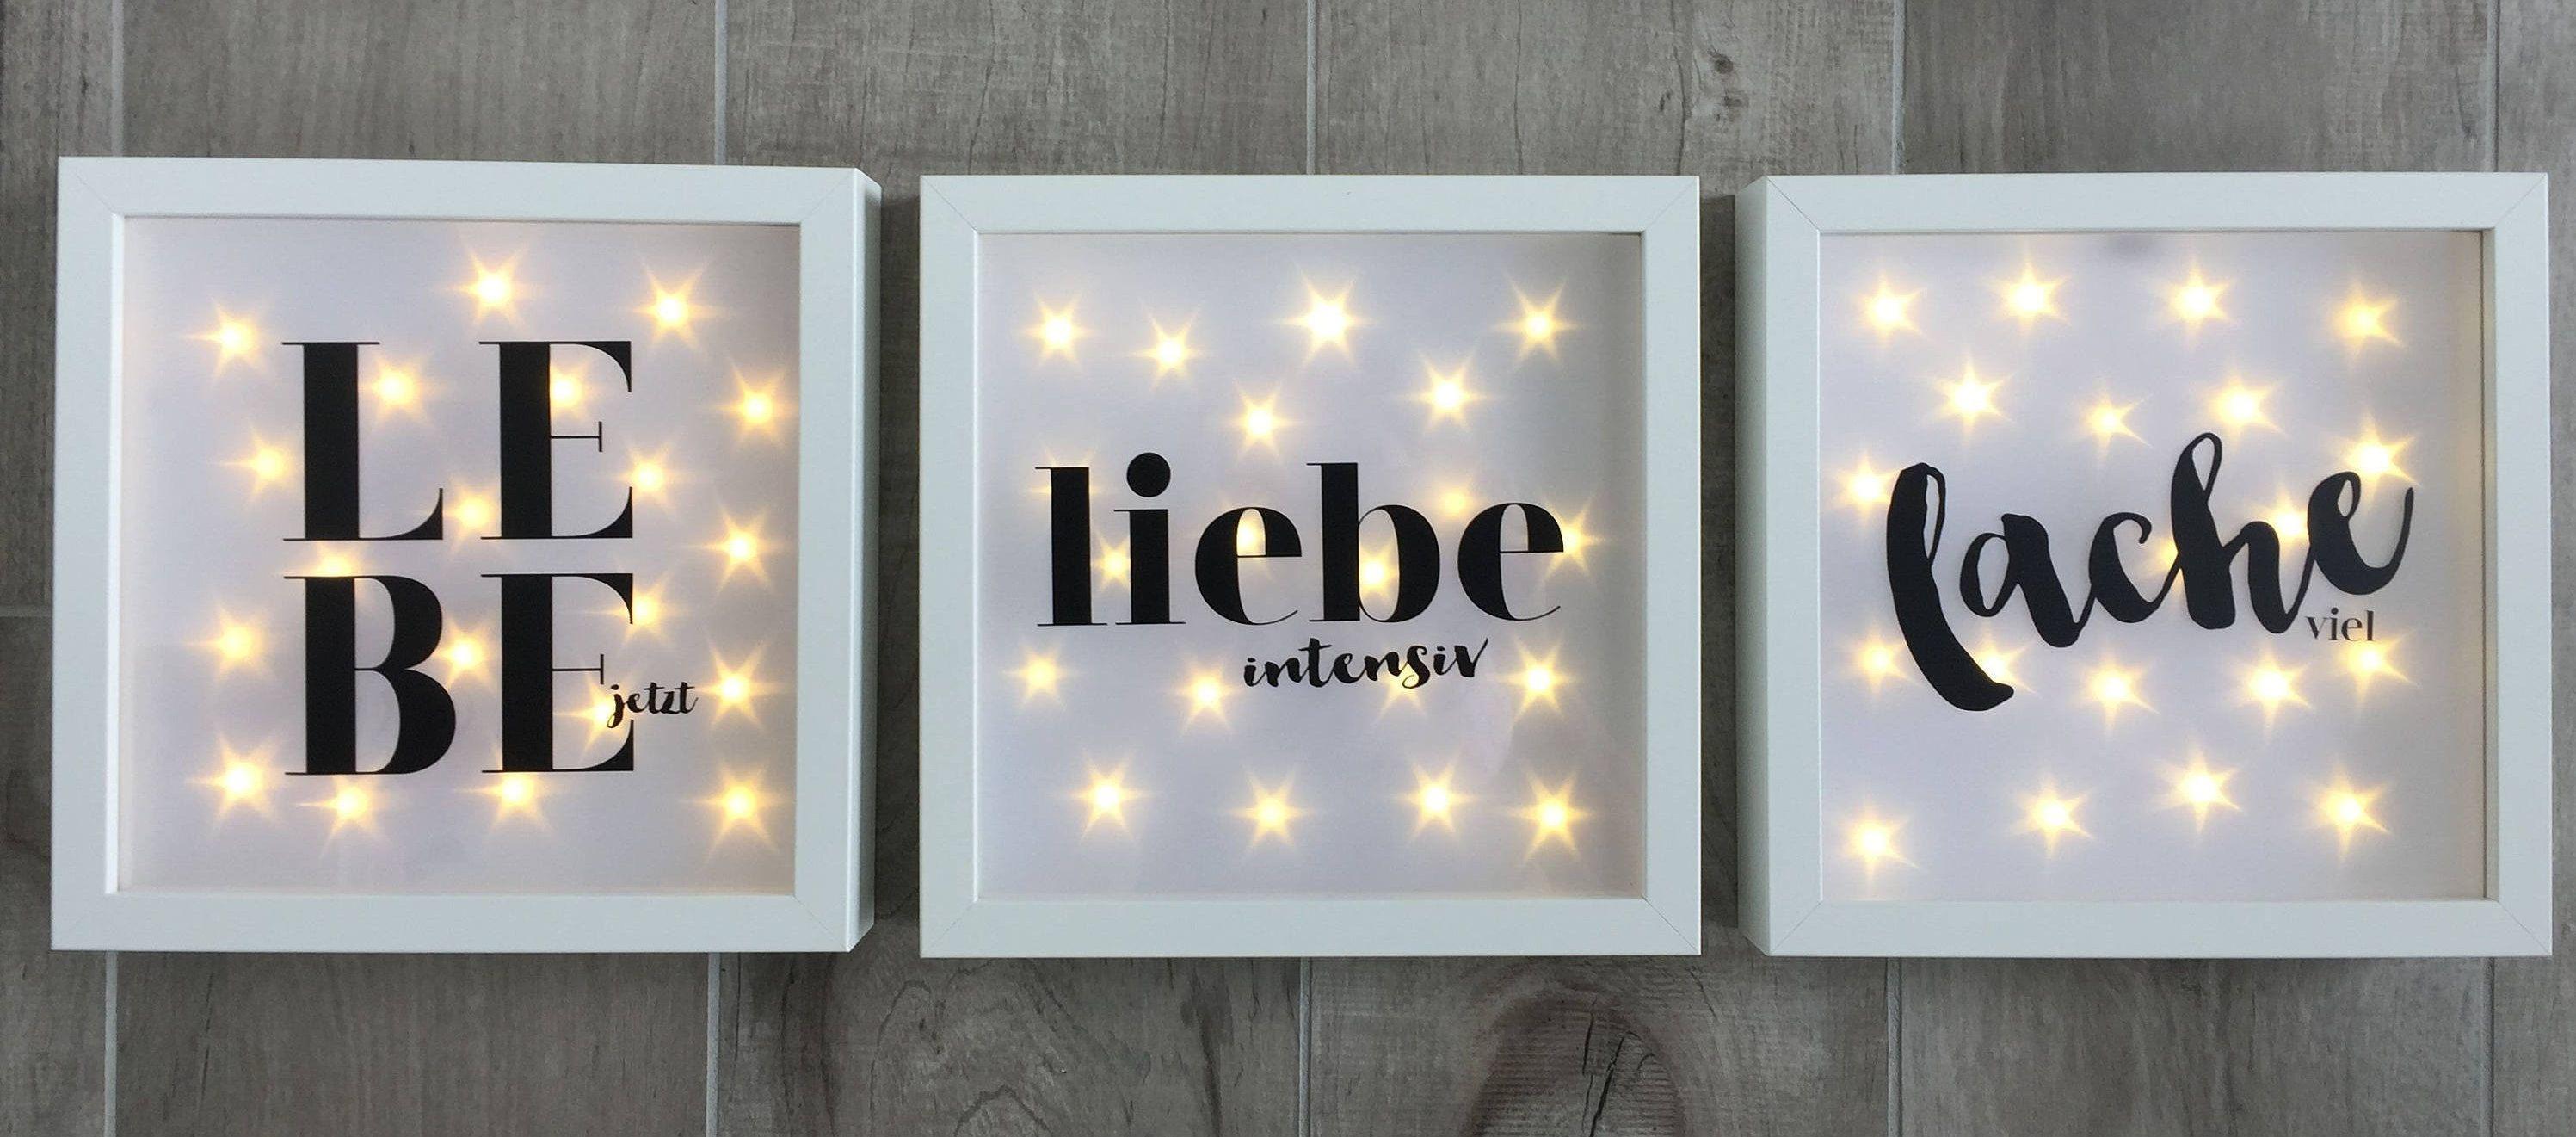 Pin Von Simone Schrauth Auf Ikea Rahmen In 2020 Beleuchteter Bilderrahmen Bilderrahmen Led Bilderrahmen